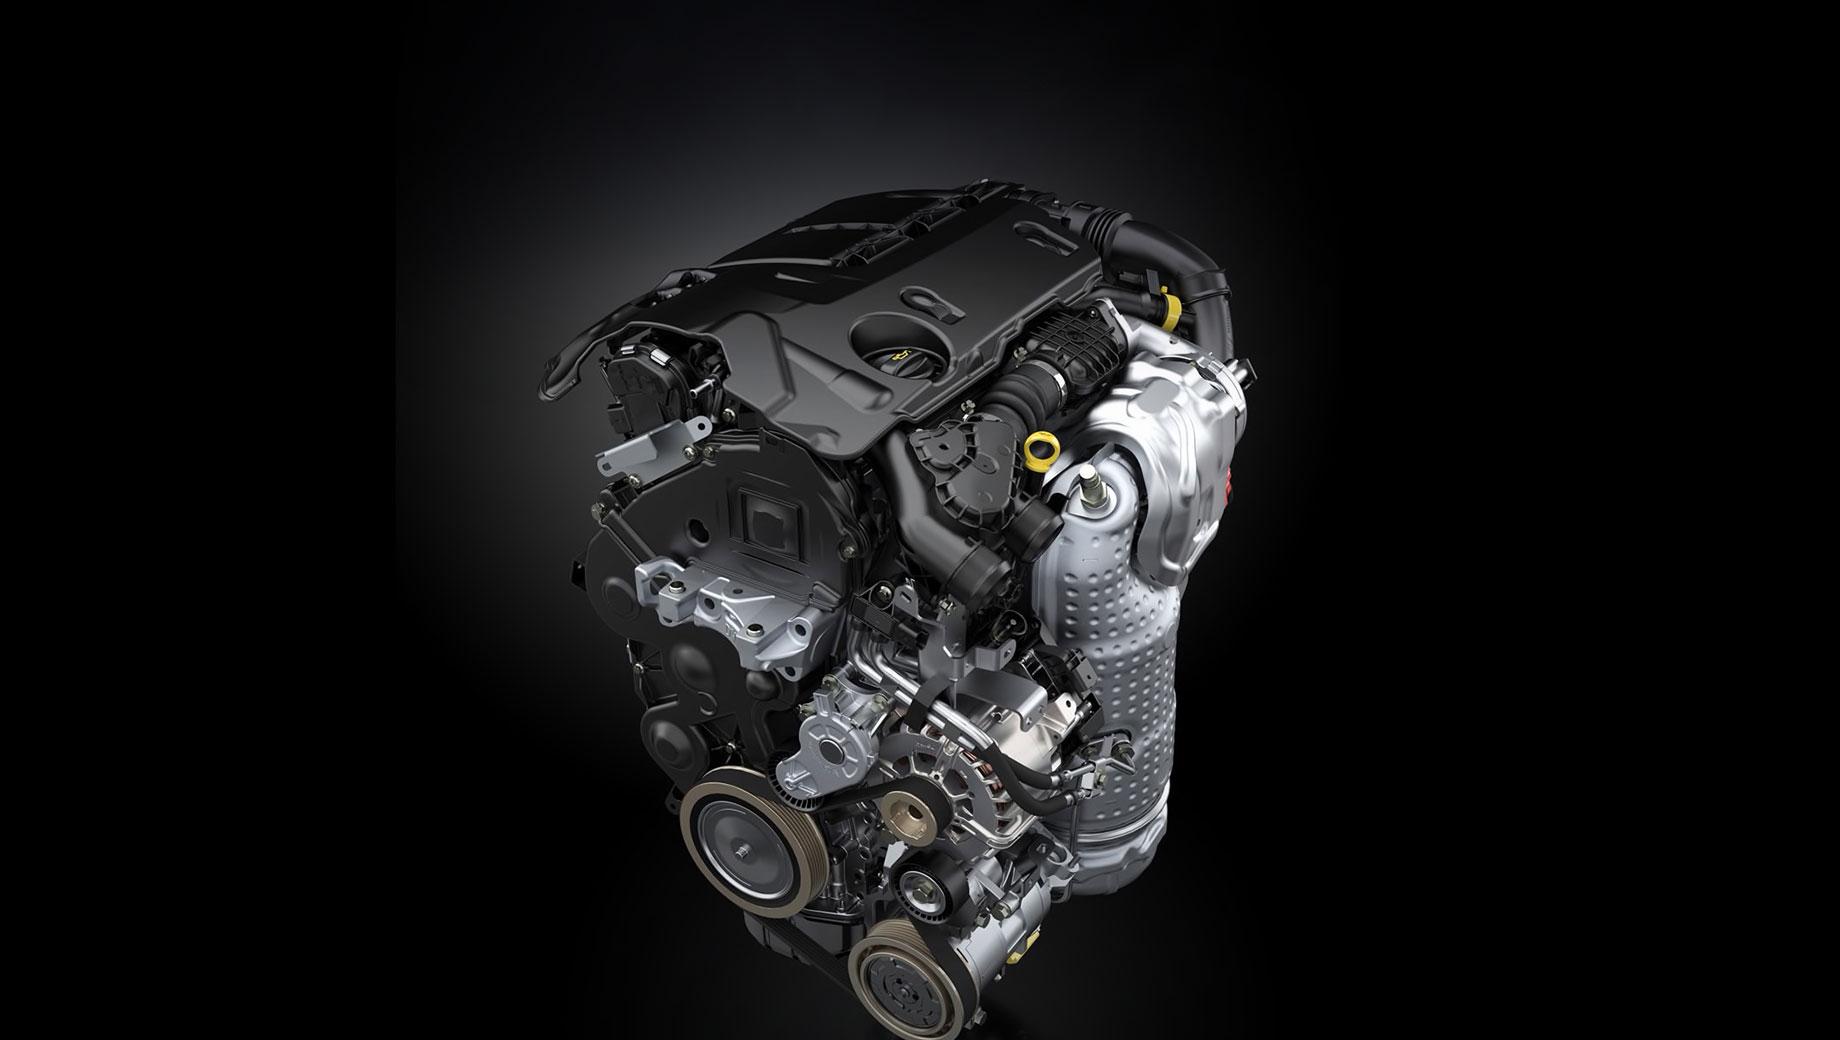 Peugeot partner,Citroen berlingo. Алюминиевая дизельная турбочетвёрка 1.6 разработана в 2002 году совместными усилиями группы PSA, которая окрестила её DV6, и Форда, присвоившего индекс DLD-416. Двигатель попал под капоты около 20 моделей, включая Peugeot 2008, Citroen C4, Ford Focus, Мазду 3, Volvo V40, Suzuki SX4, Mini Cooper.